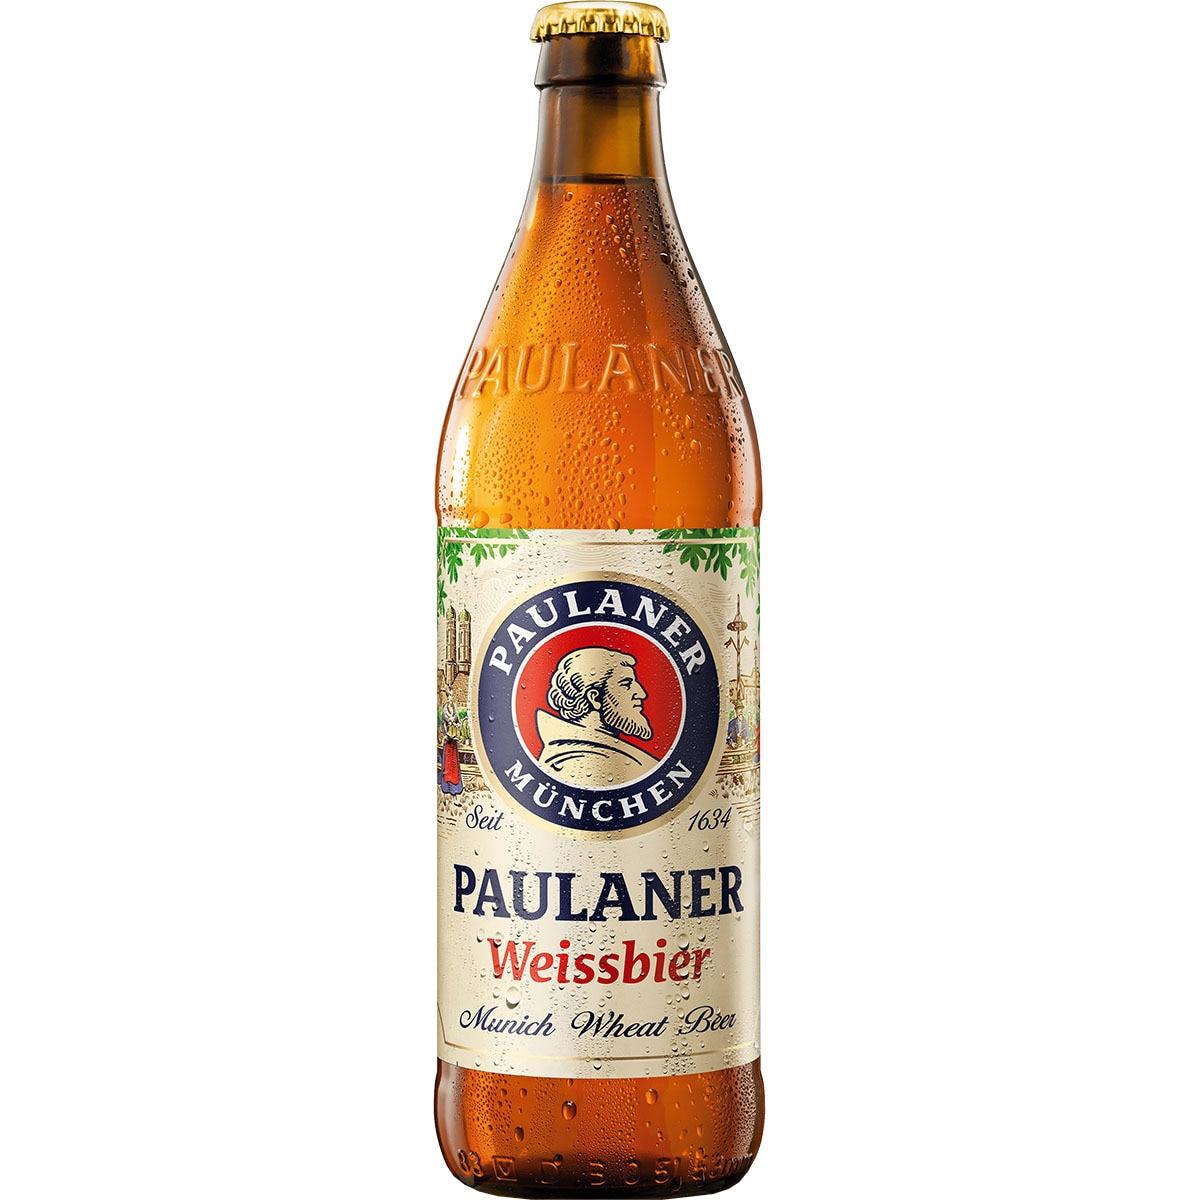 Paulaner 2a al 50% + descuento 21% IVA en compras de cerveza +20€